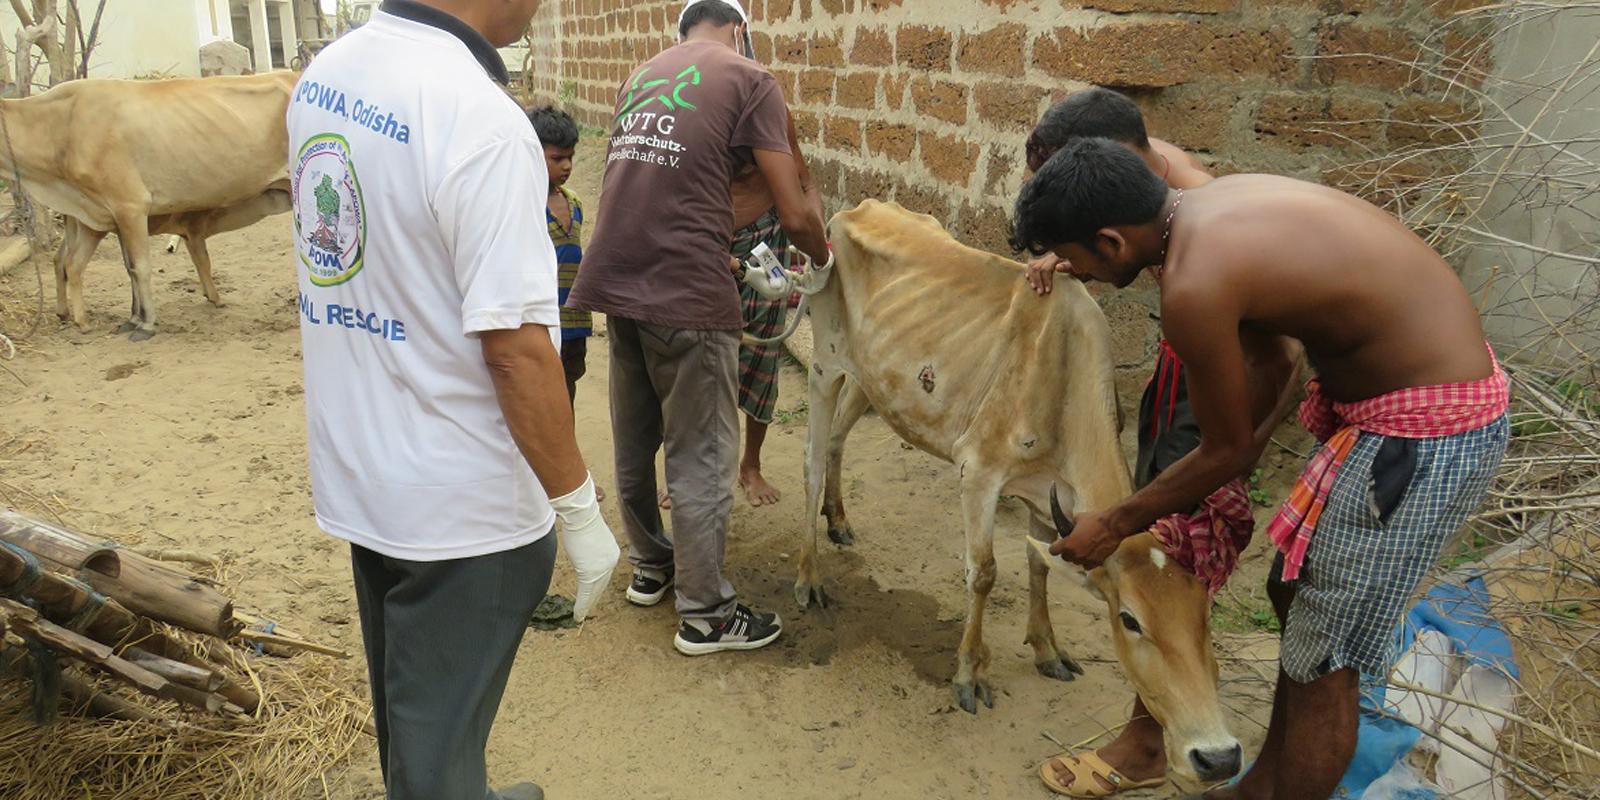 Soforthilfe in Bildern: Verletzte Tiere werden tiermedizinisch versorgt